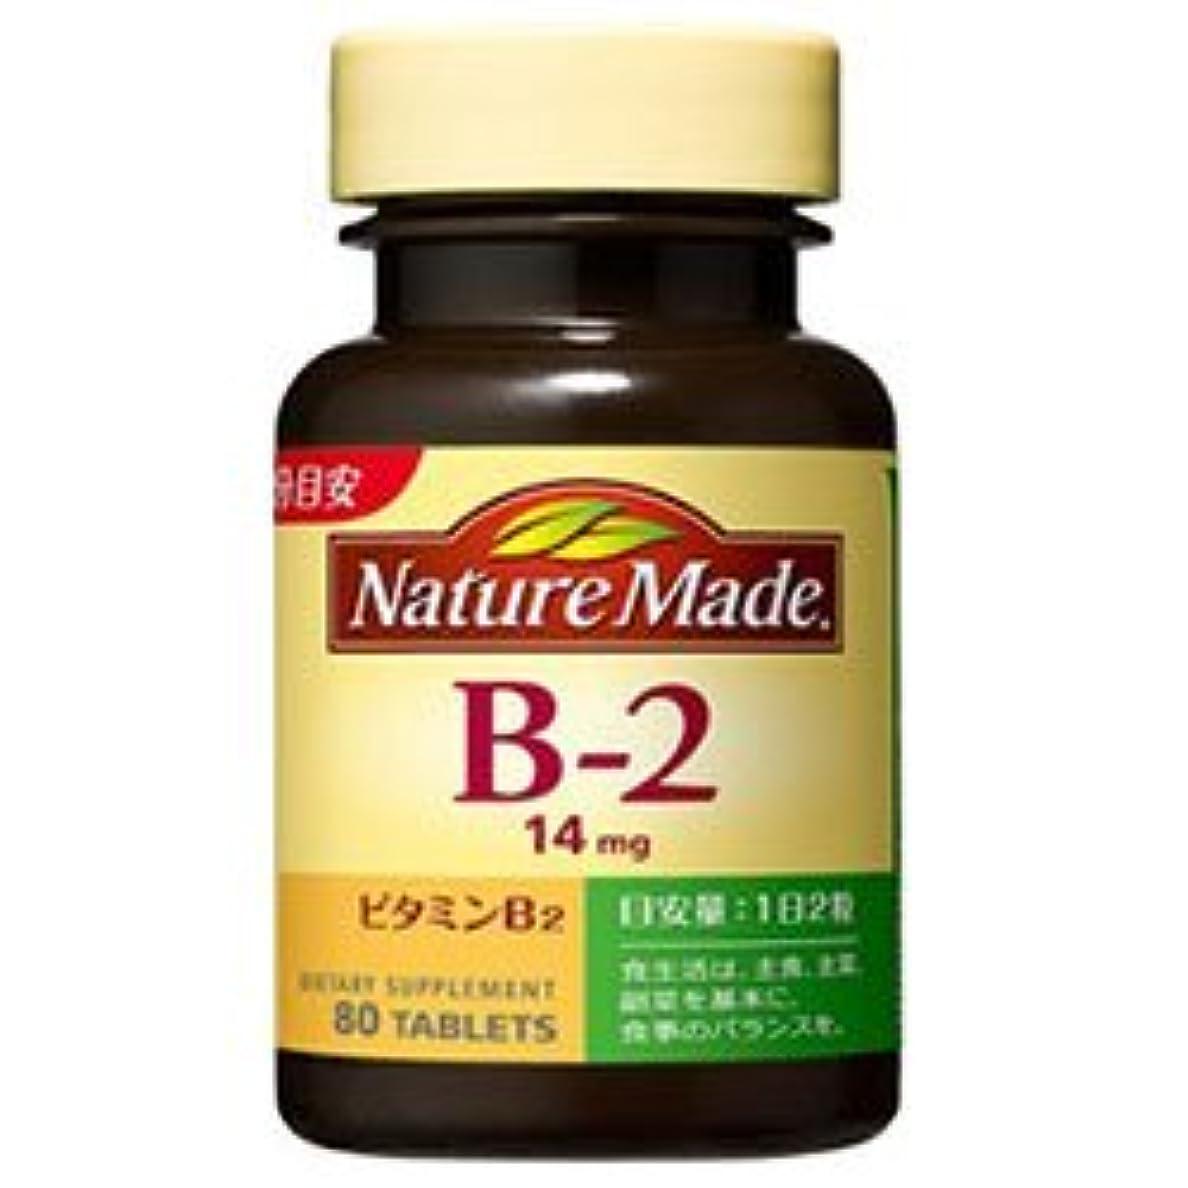 位置づける連続した該当する大塚製薬 ネイチャーメイド ビタミンB2 80粒×3個入